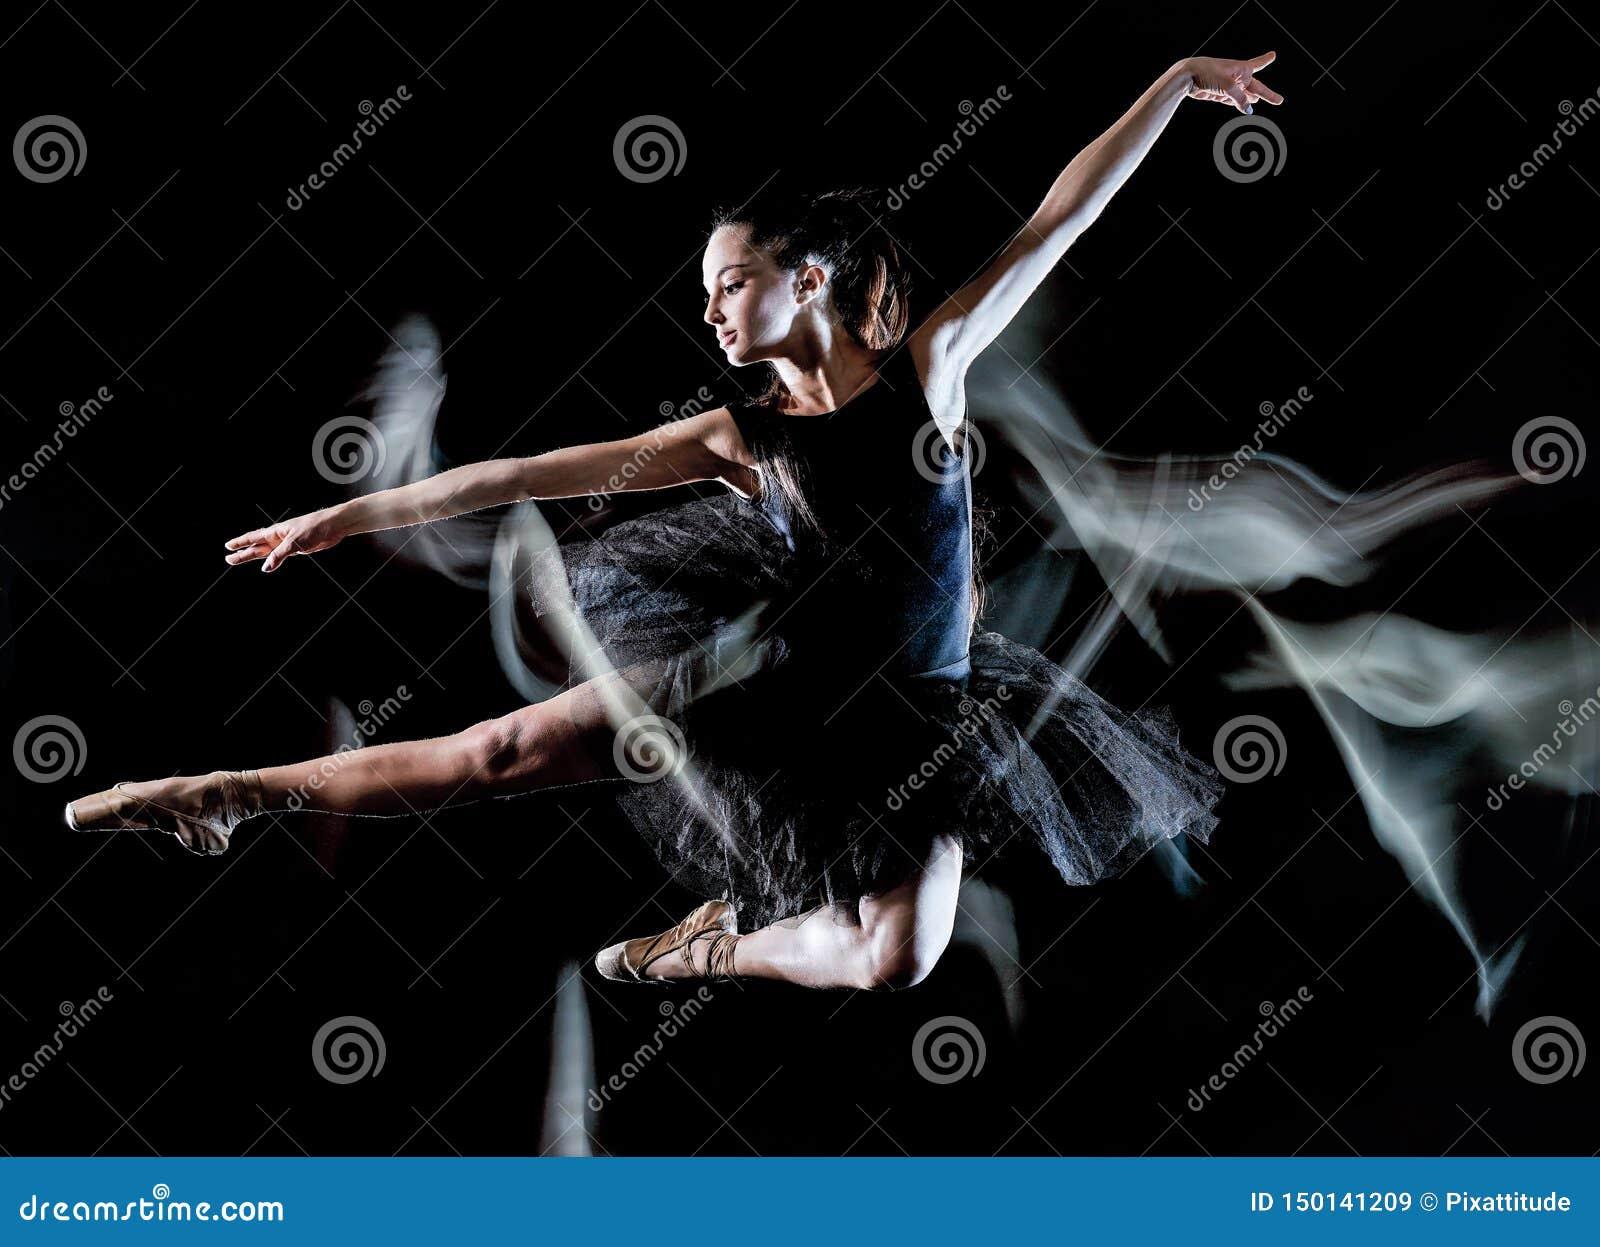 Νέα γυναικών ballerina ελαφριά ζωγραφική υποβάθρου χορευτών χορός απομονωμένη μαύρη